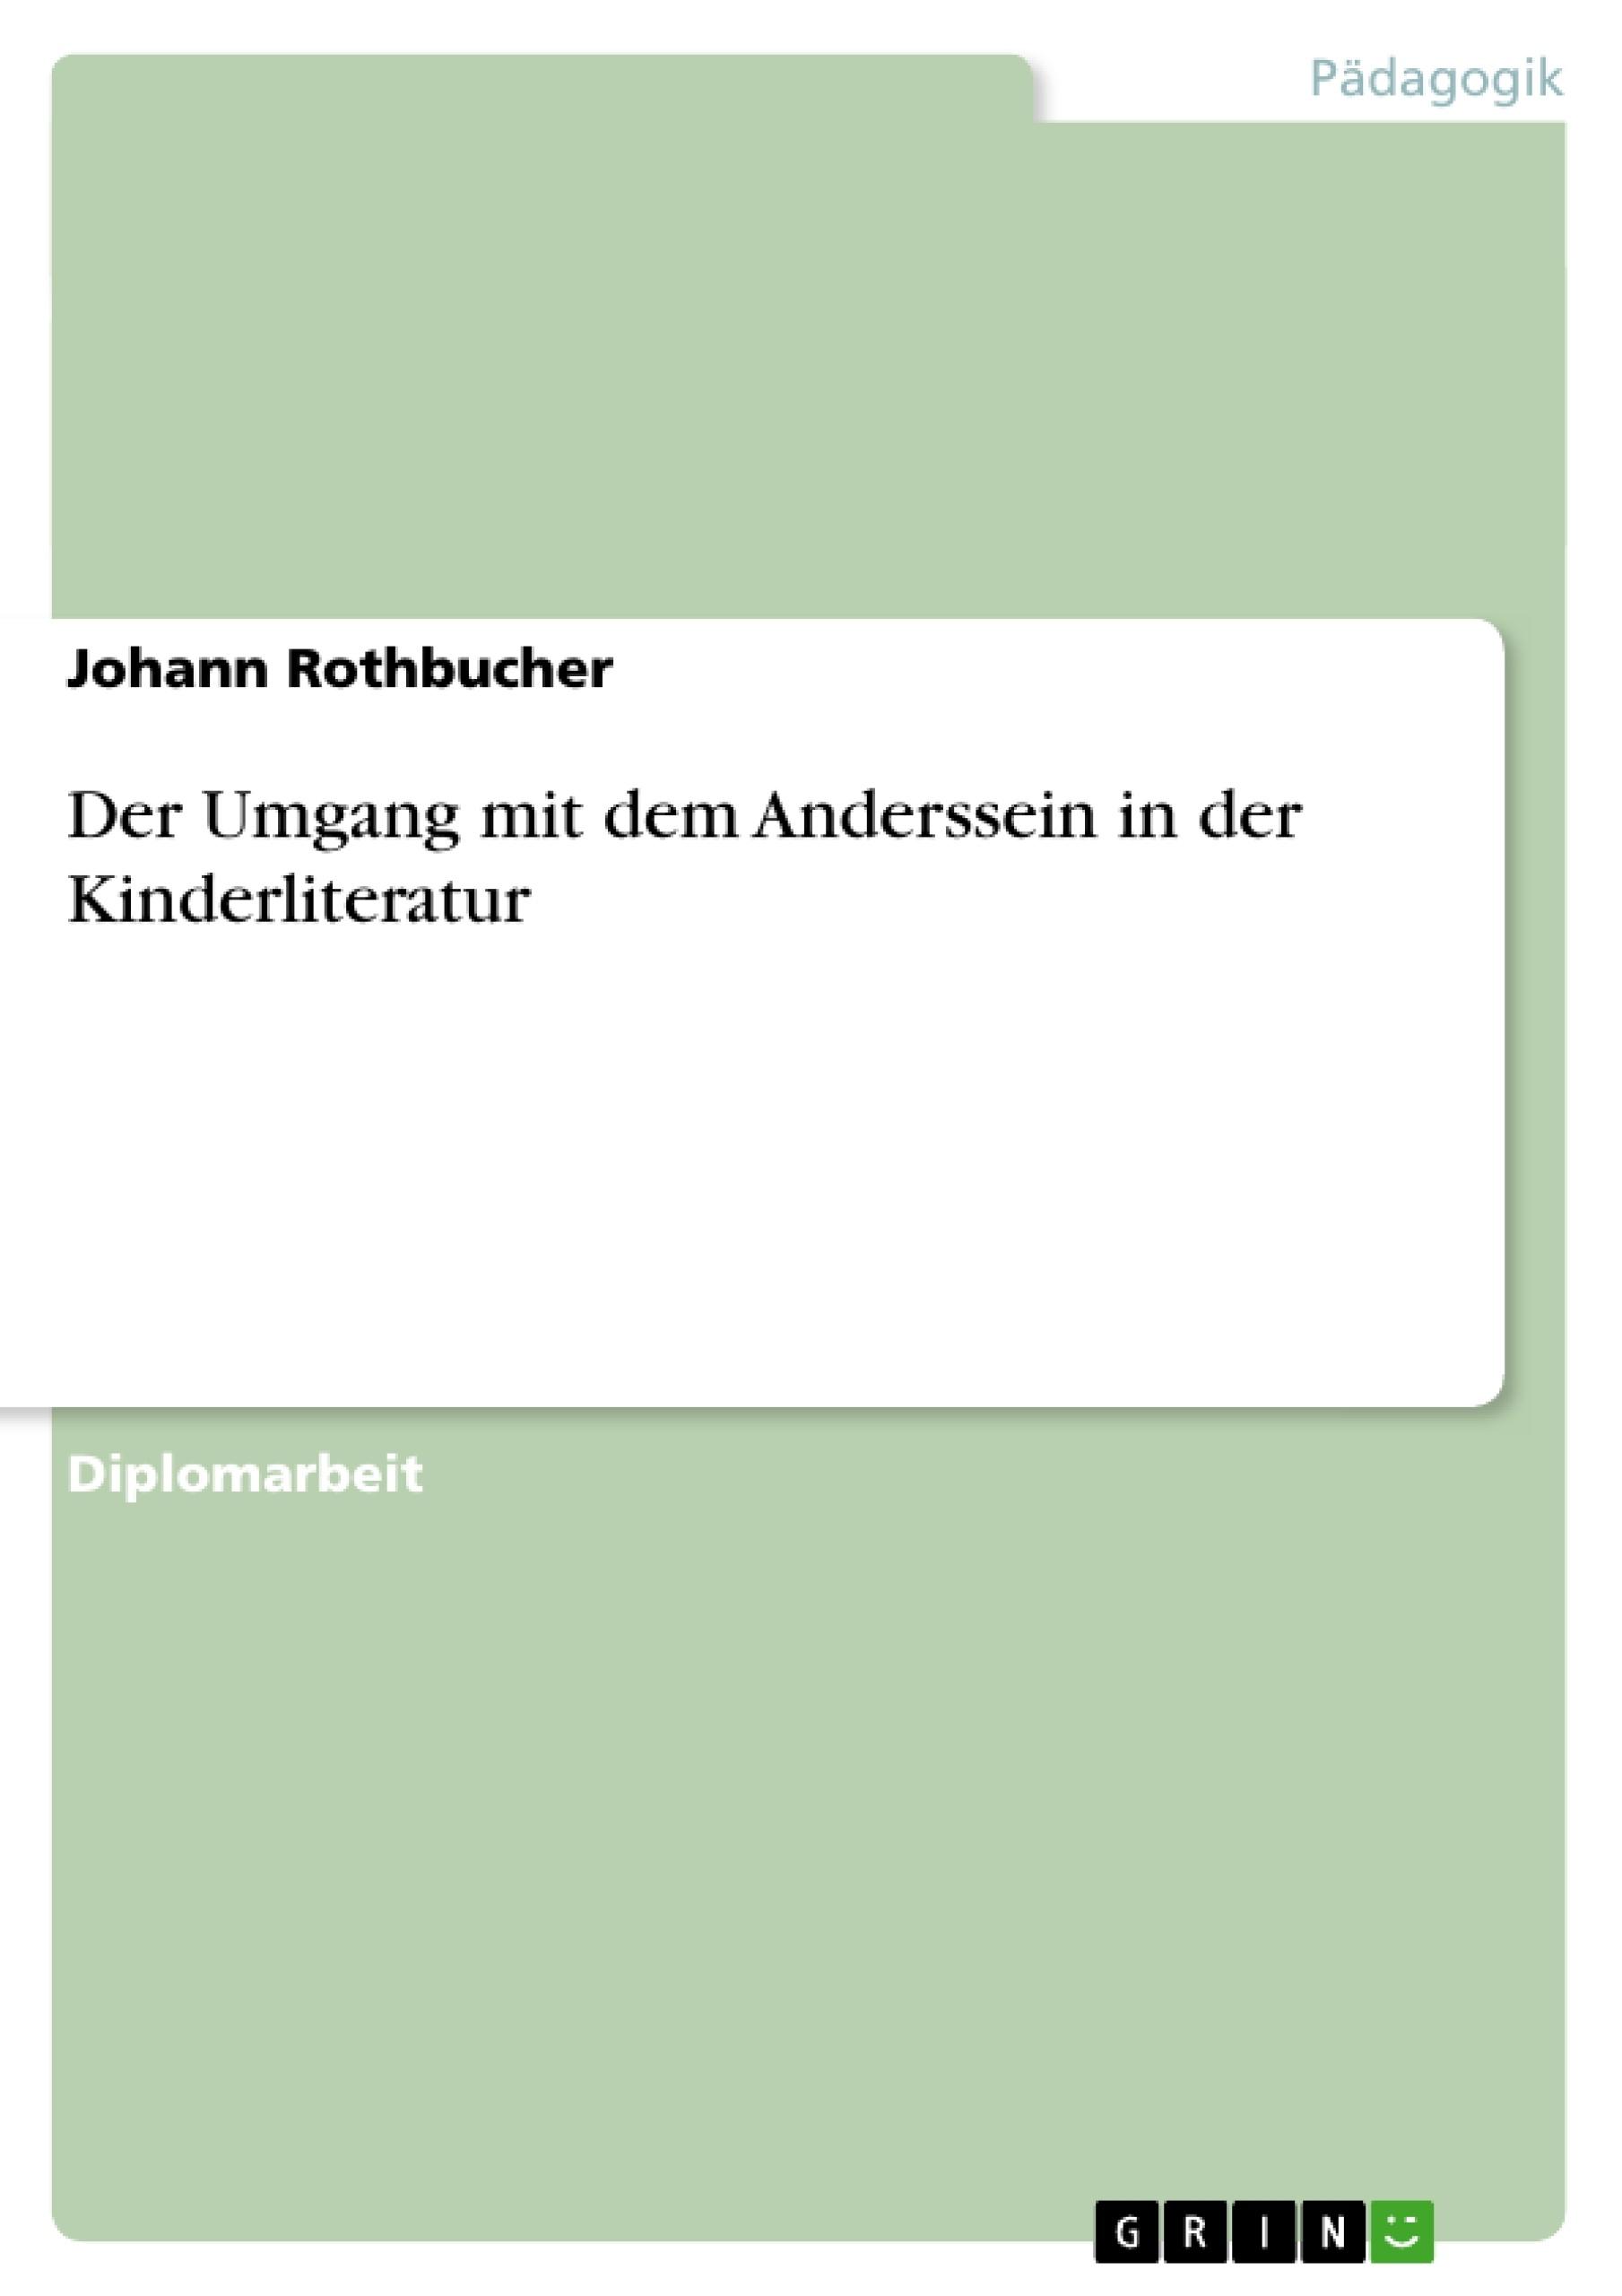 Der Umgang mit dem Anderssein in der Kinderliteratur | Hausarbeiten ...